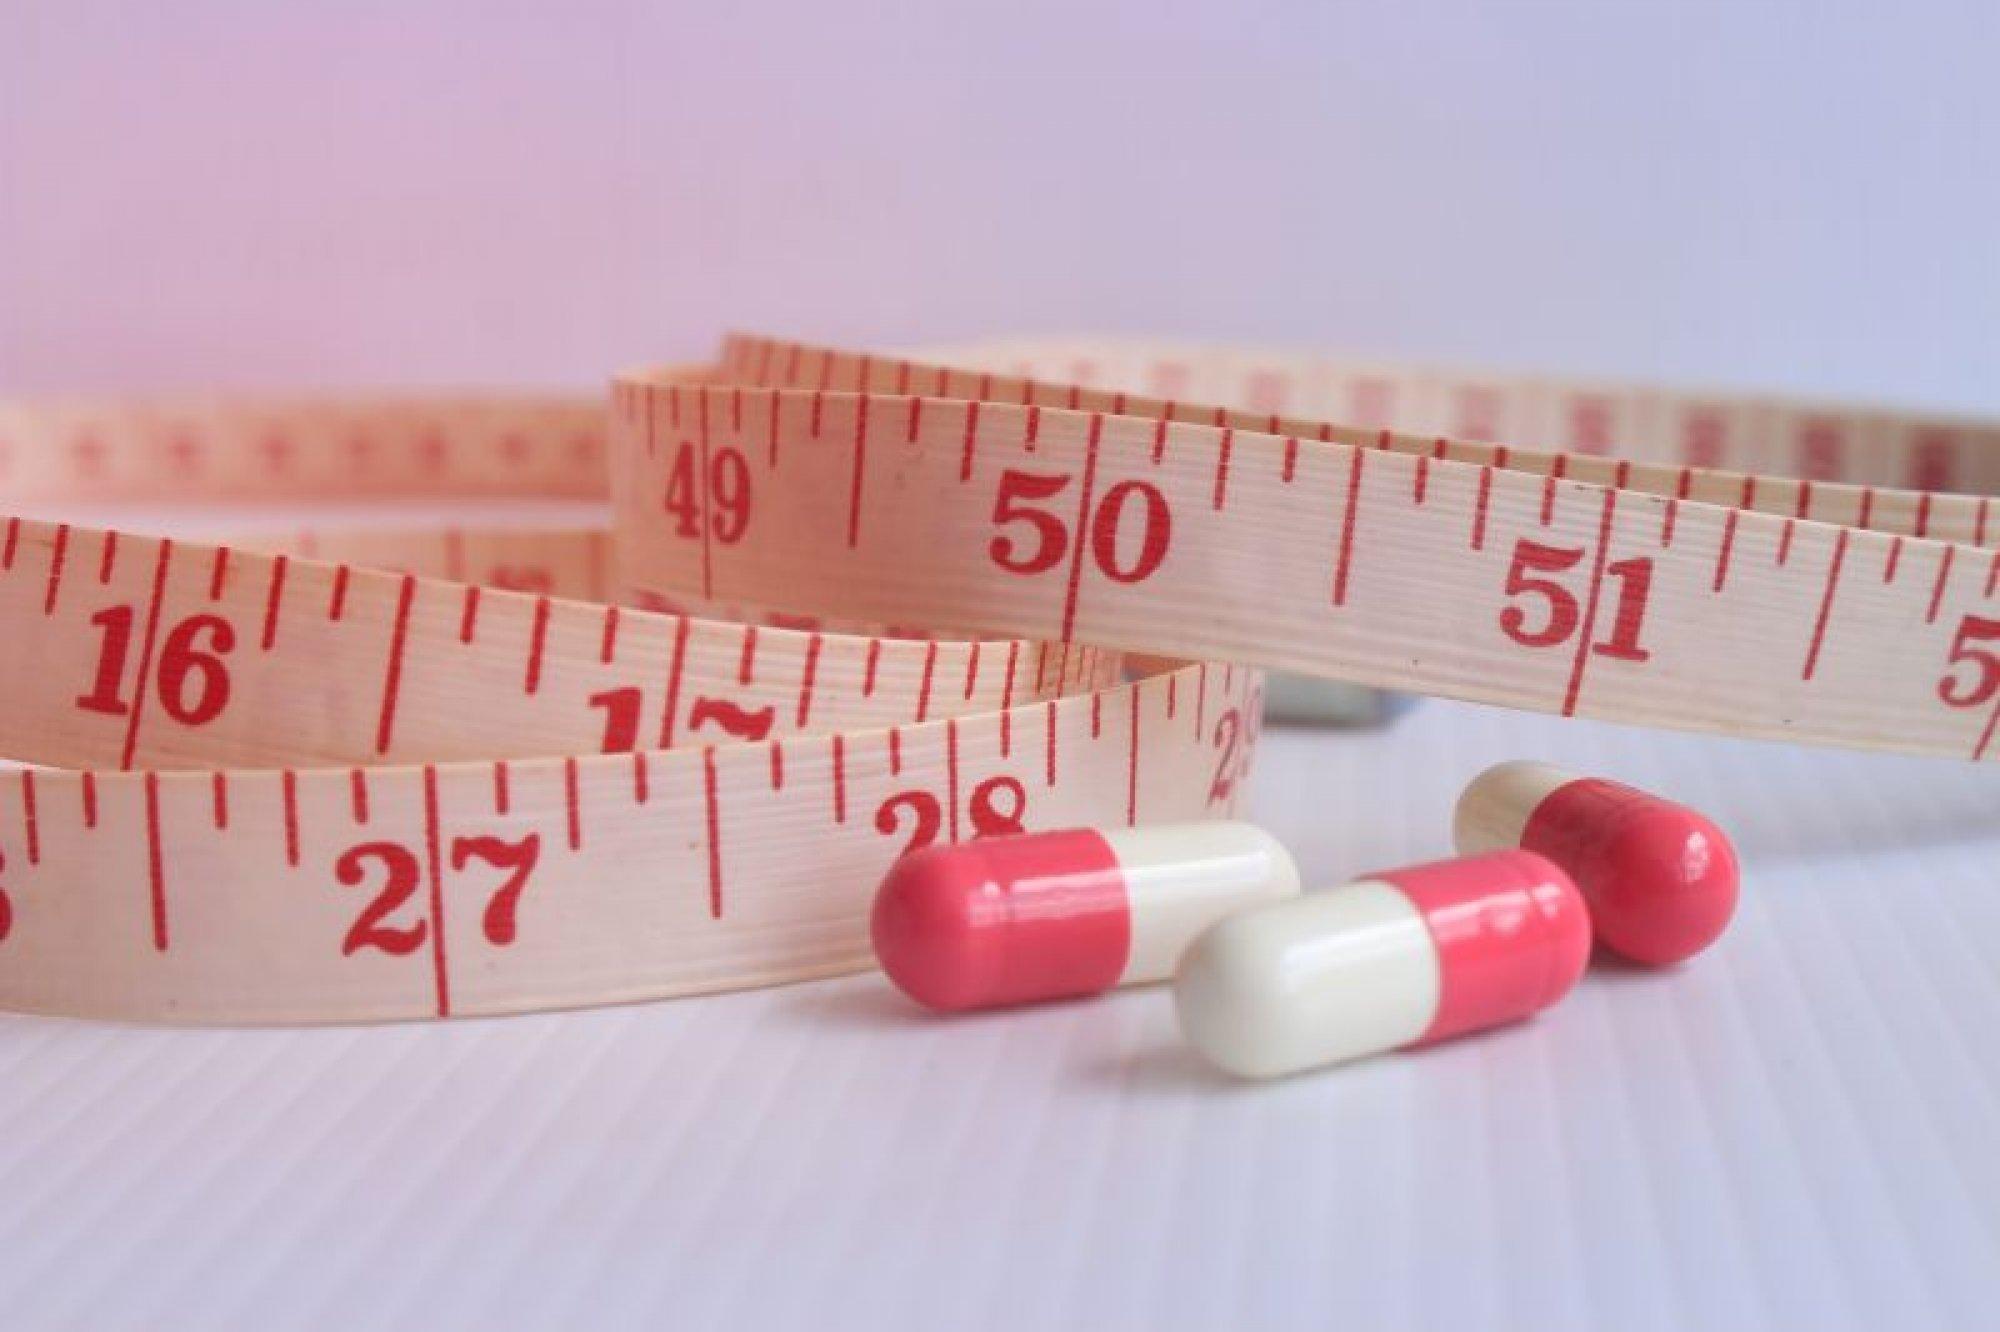 le pillole dimagranti possono causare insonnia